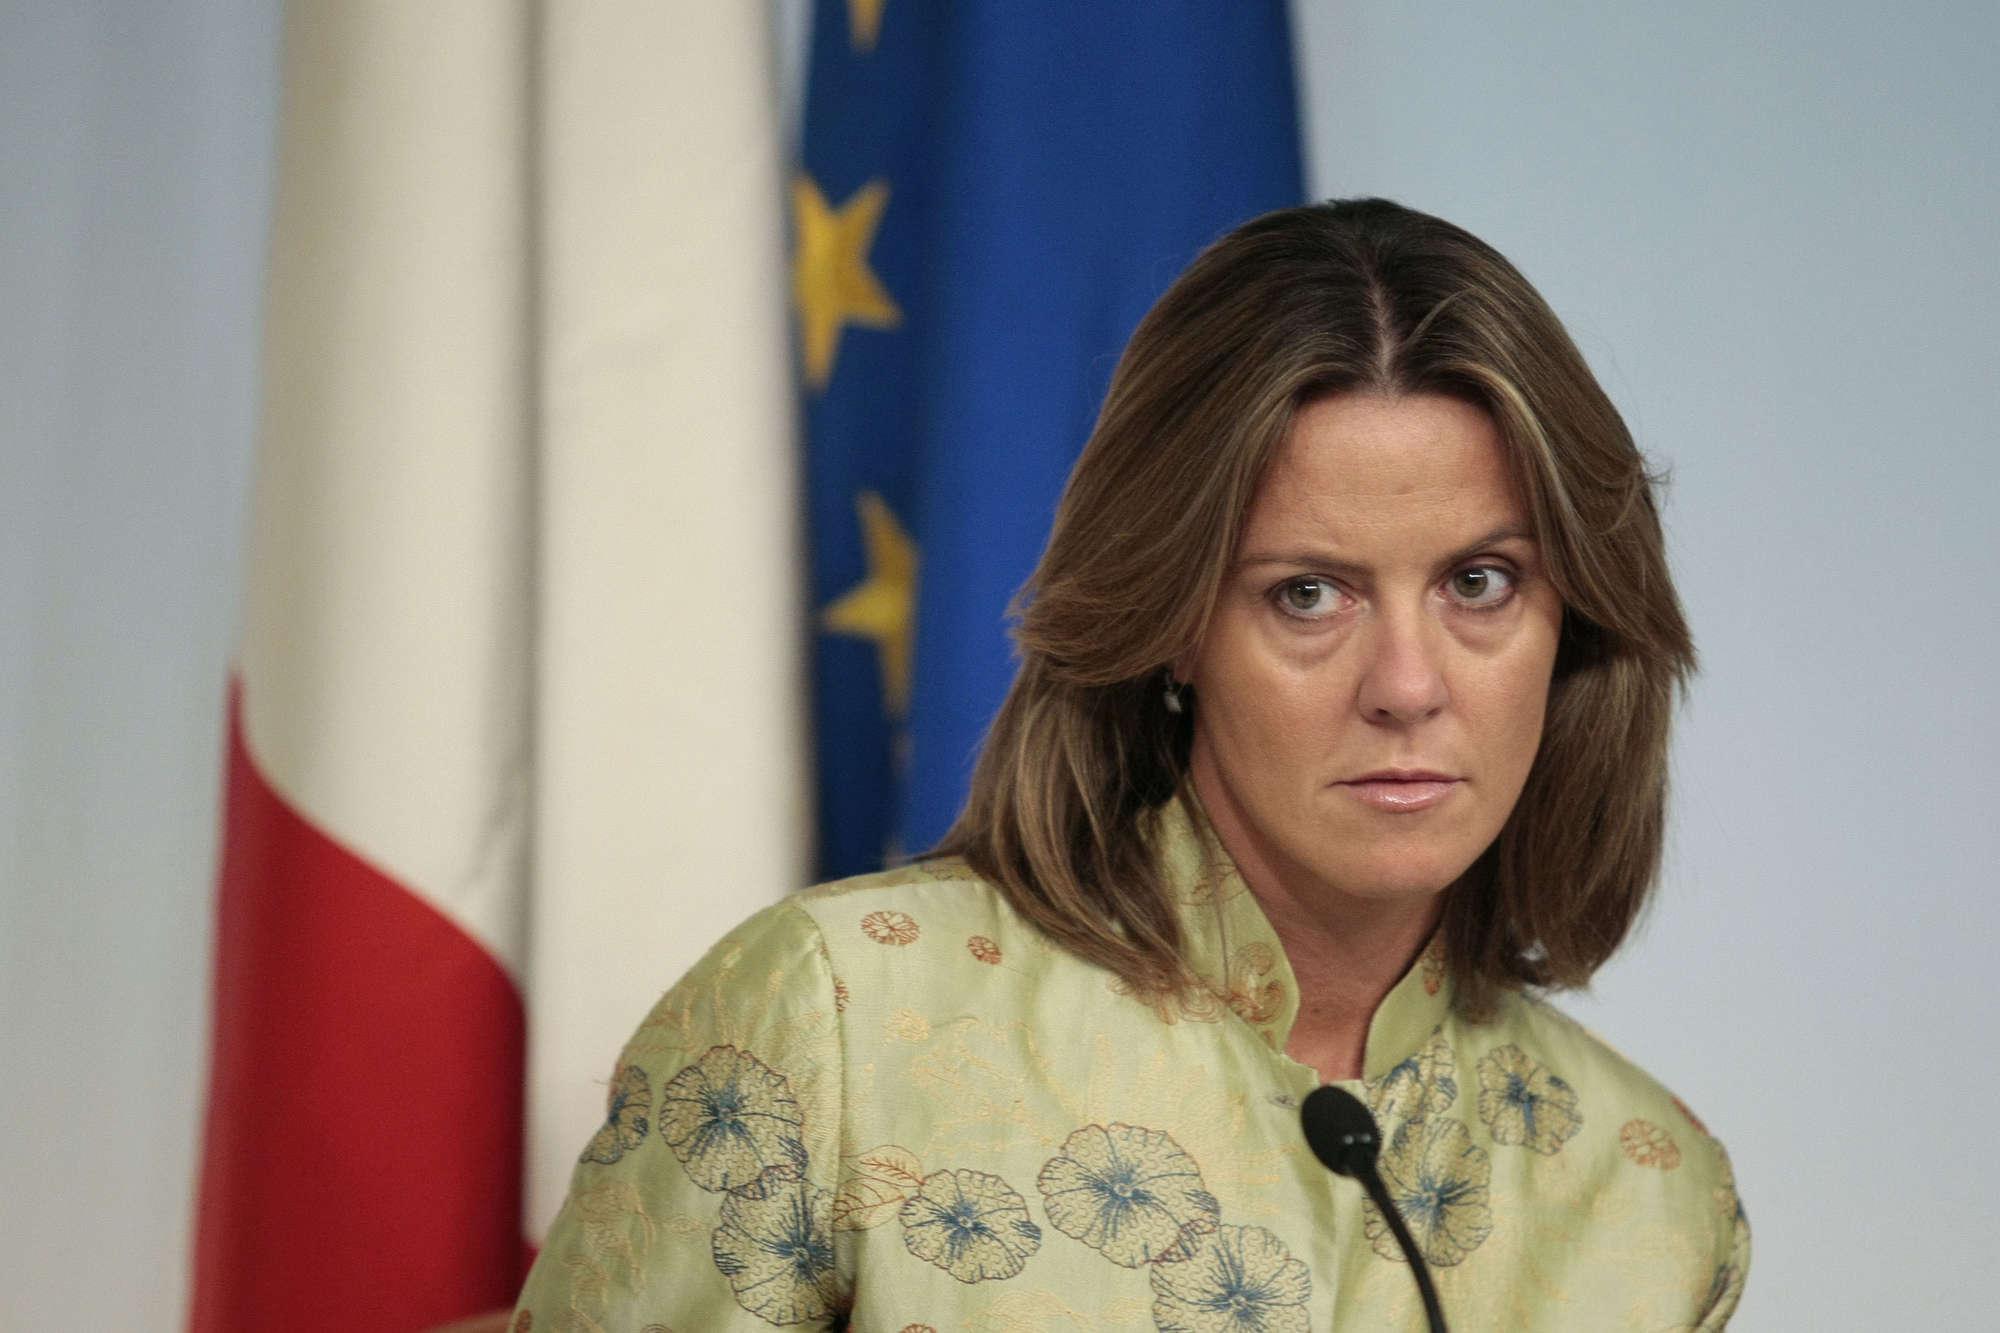 Napoli| Pronto soccorso, il ministro Lorenzin: Campania maglia nera